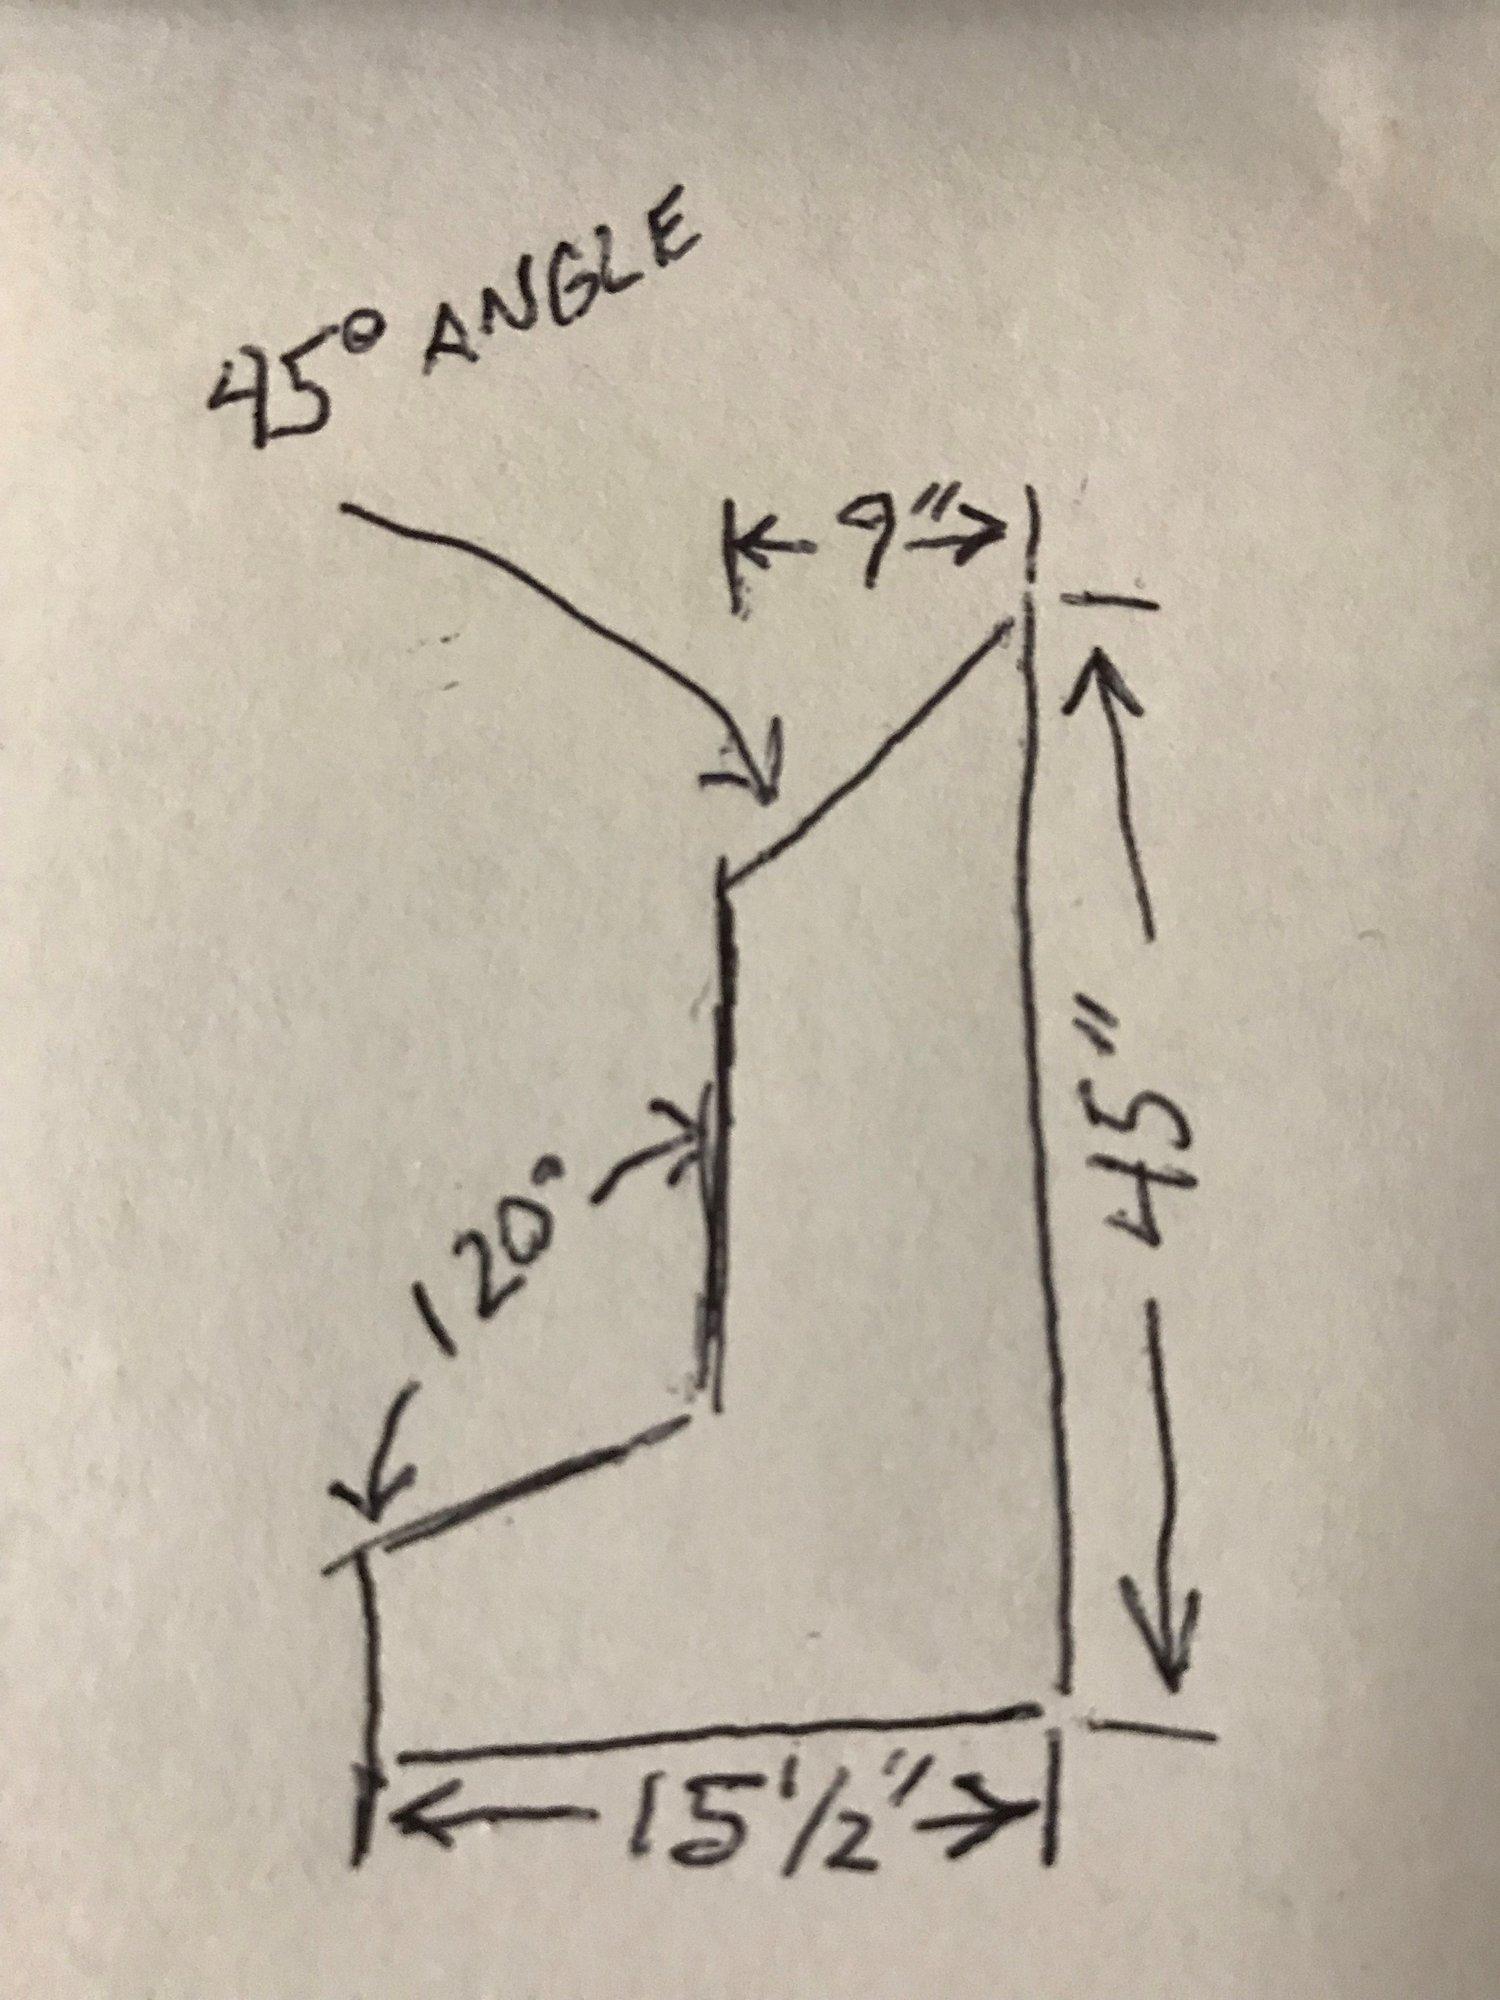 Feeder line drawing.jpg